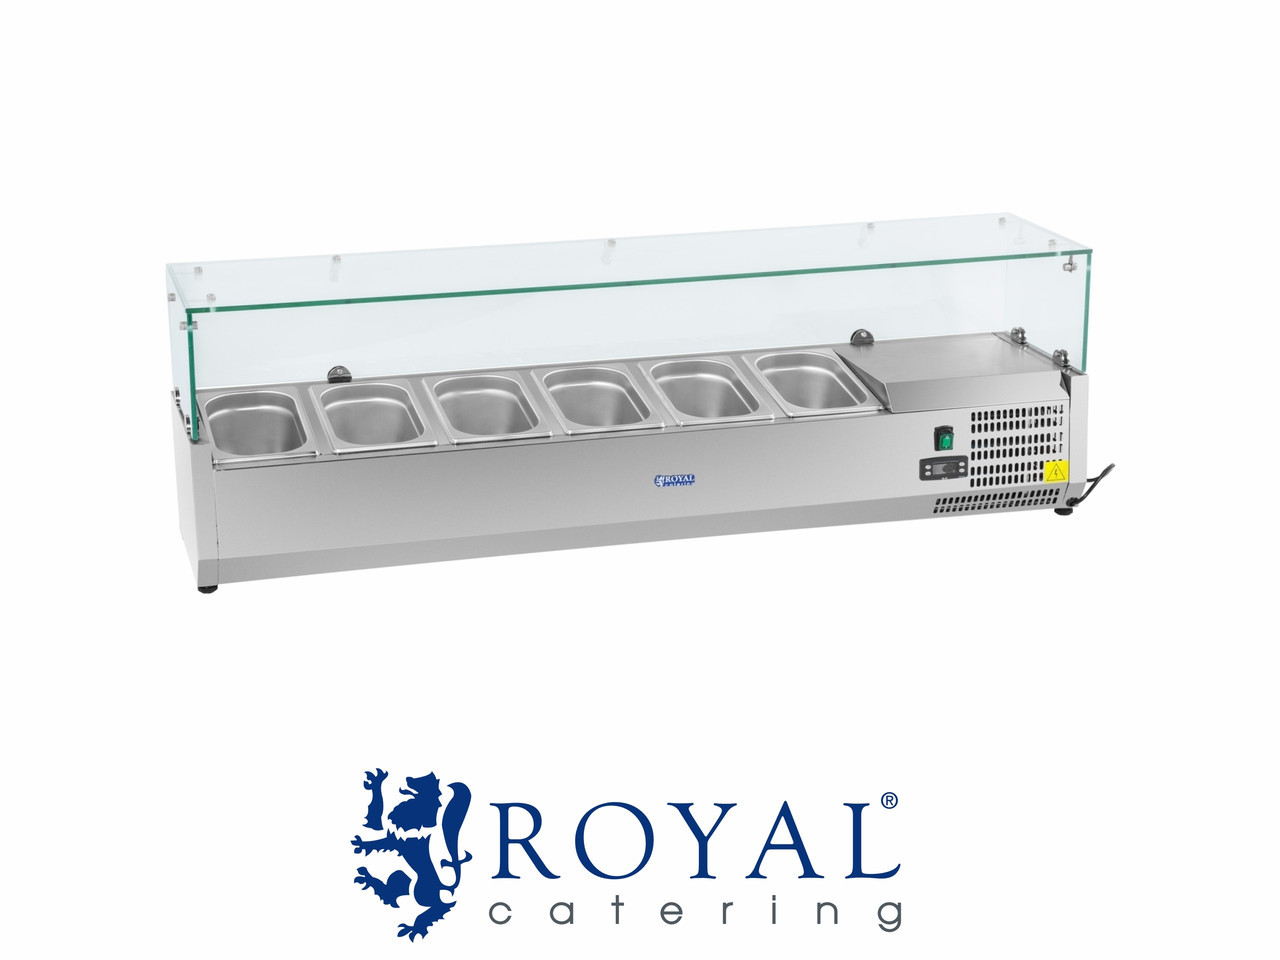 Устройство для охлаждения продуктов ROYAL